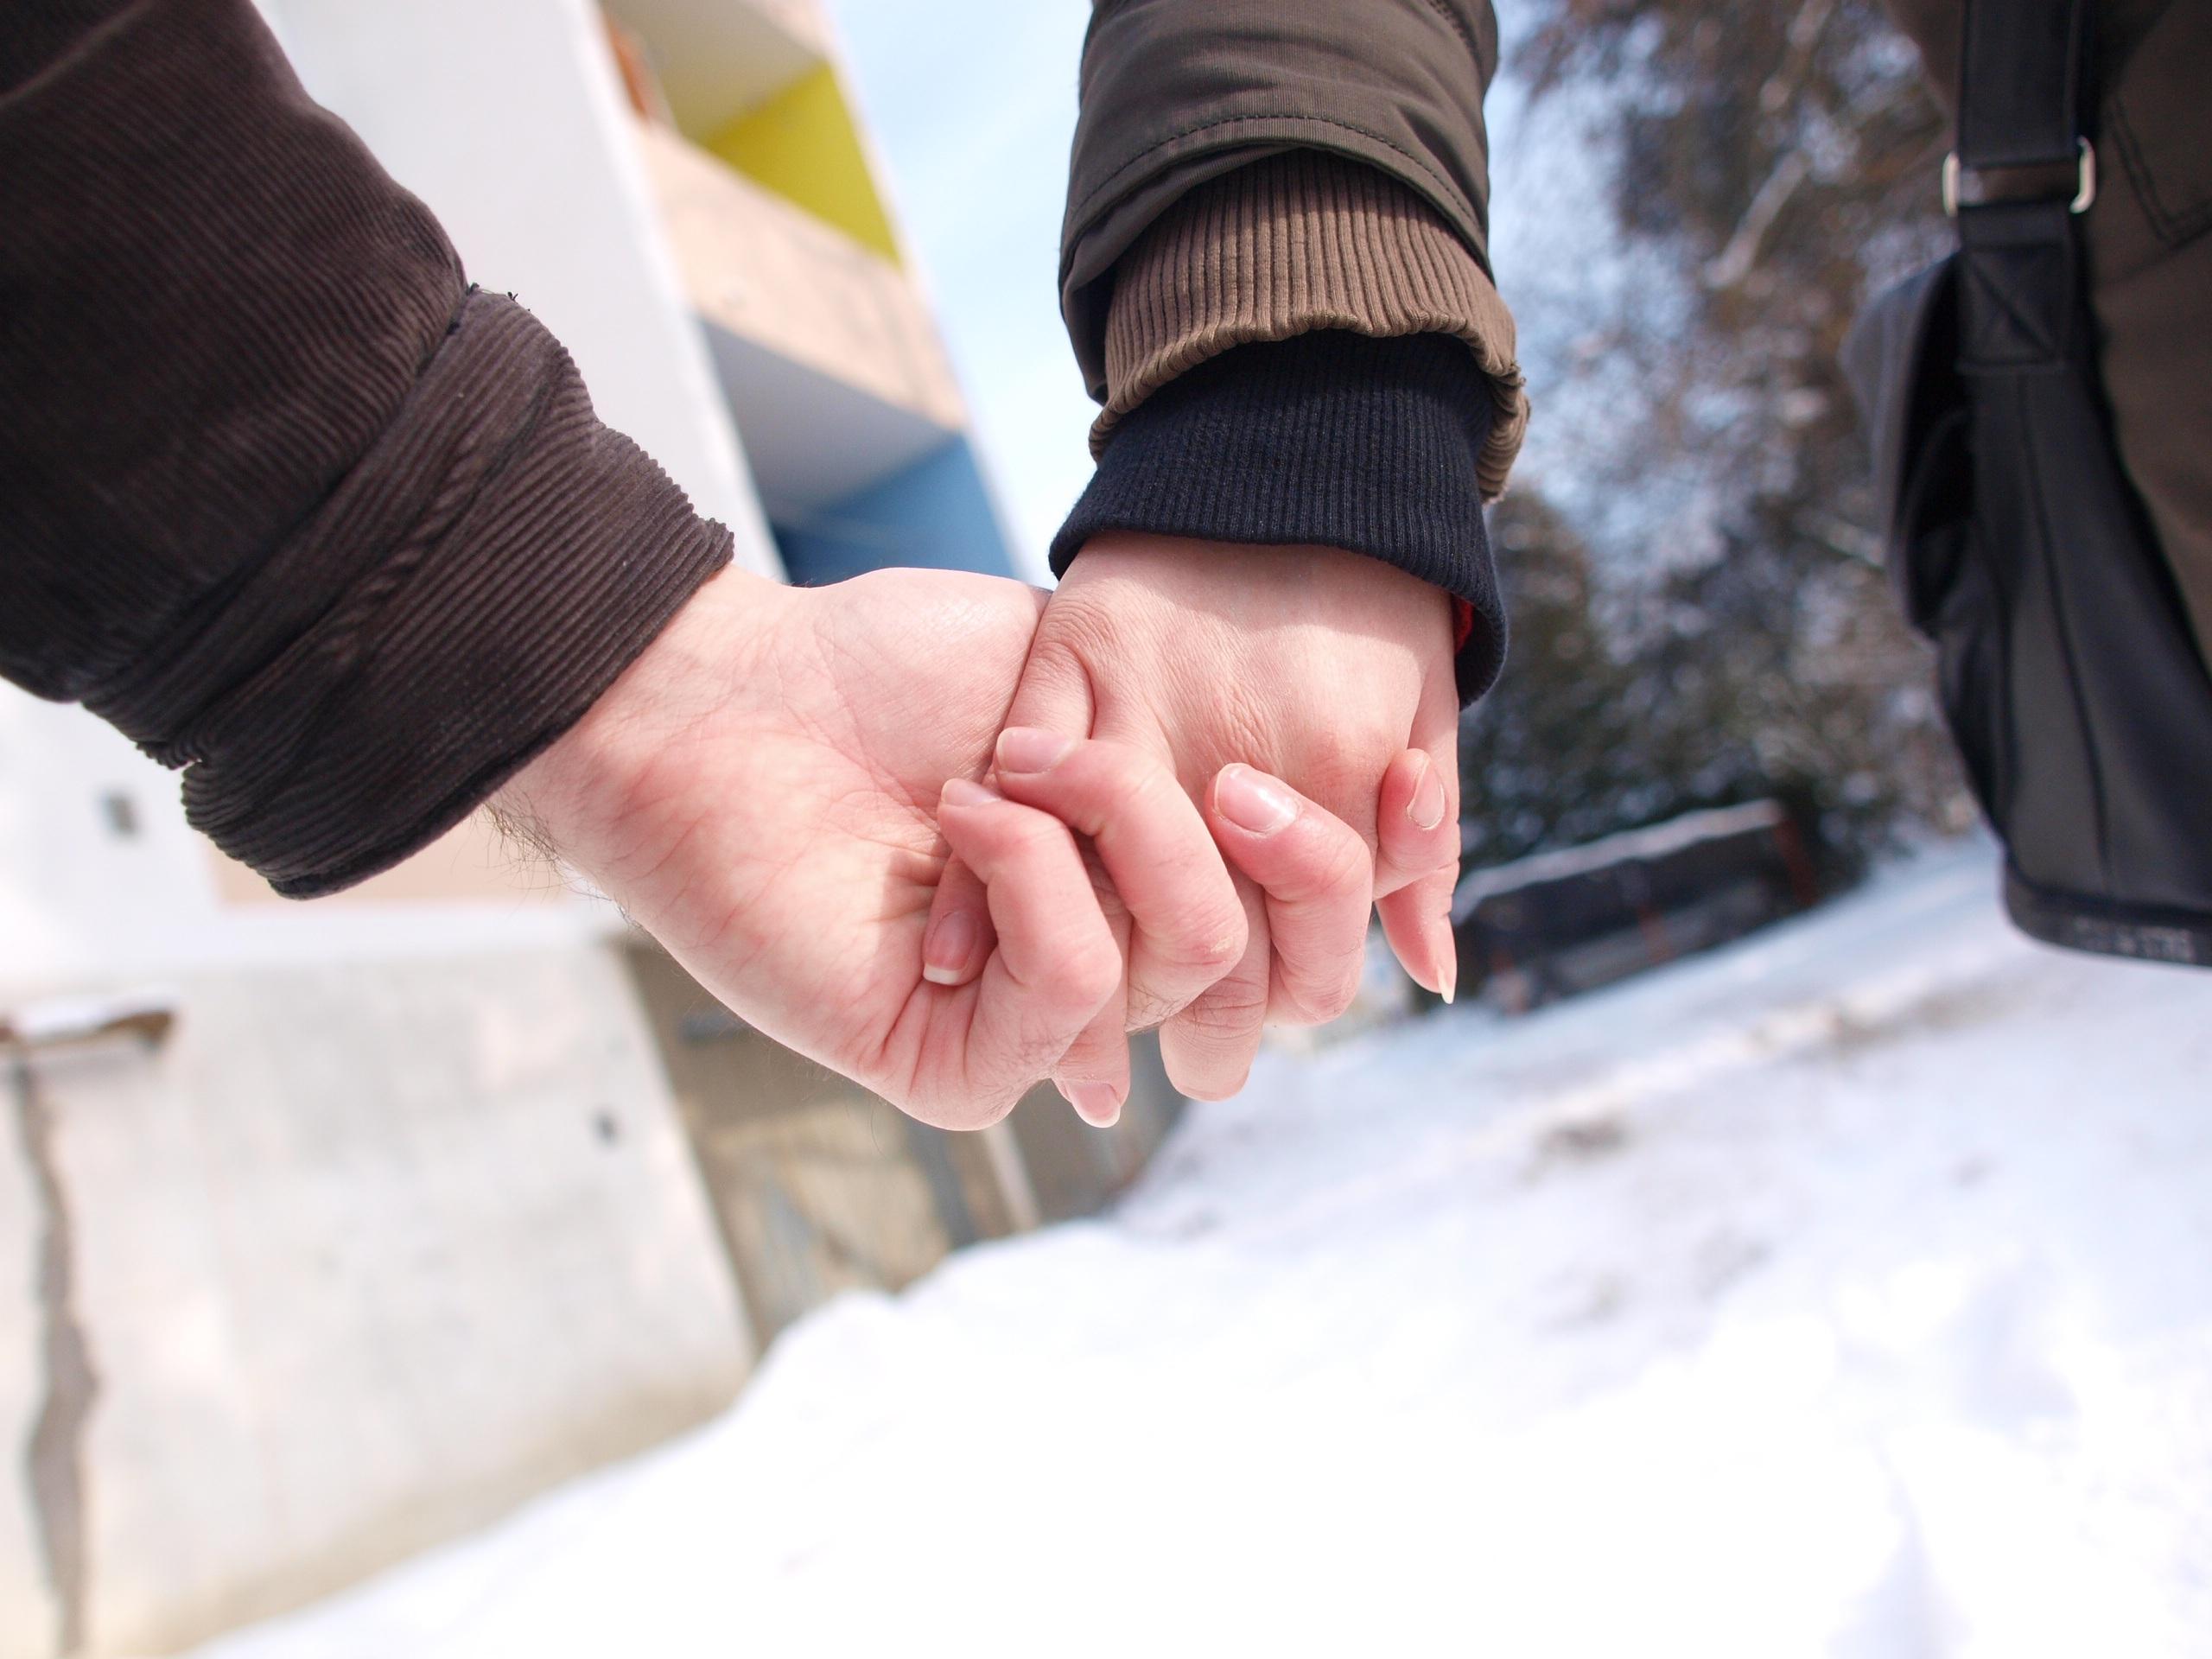 hình ảnh : Đàn ông, người, trắng, Nam giới, ngón tay, Vợ chồng, Lãng mạn, lãng mạn, cùng với nhau, nắm tay, bạn trai, bạn gái, vui mừng, Quan hệ, ...